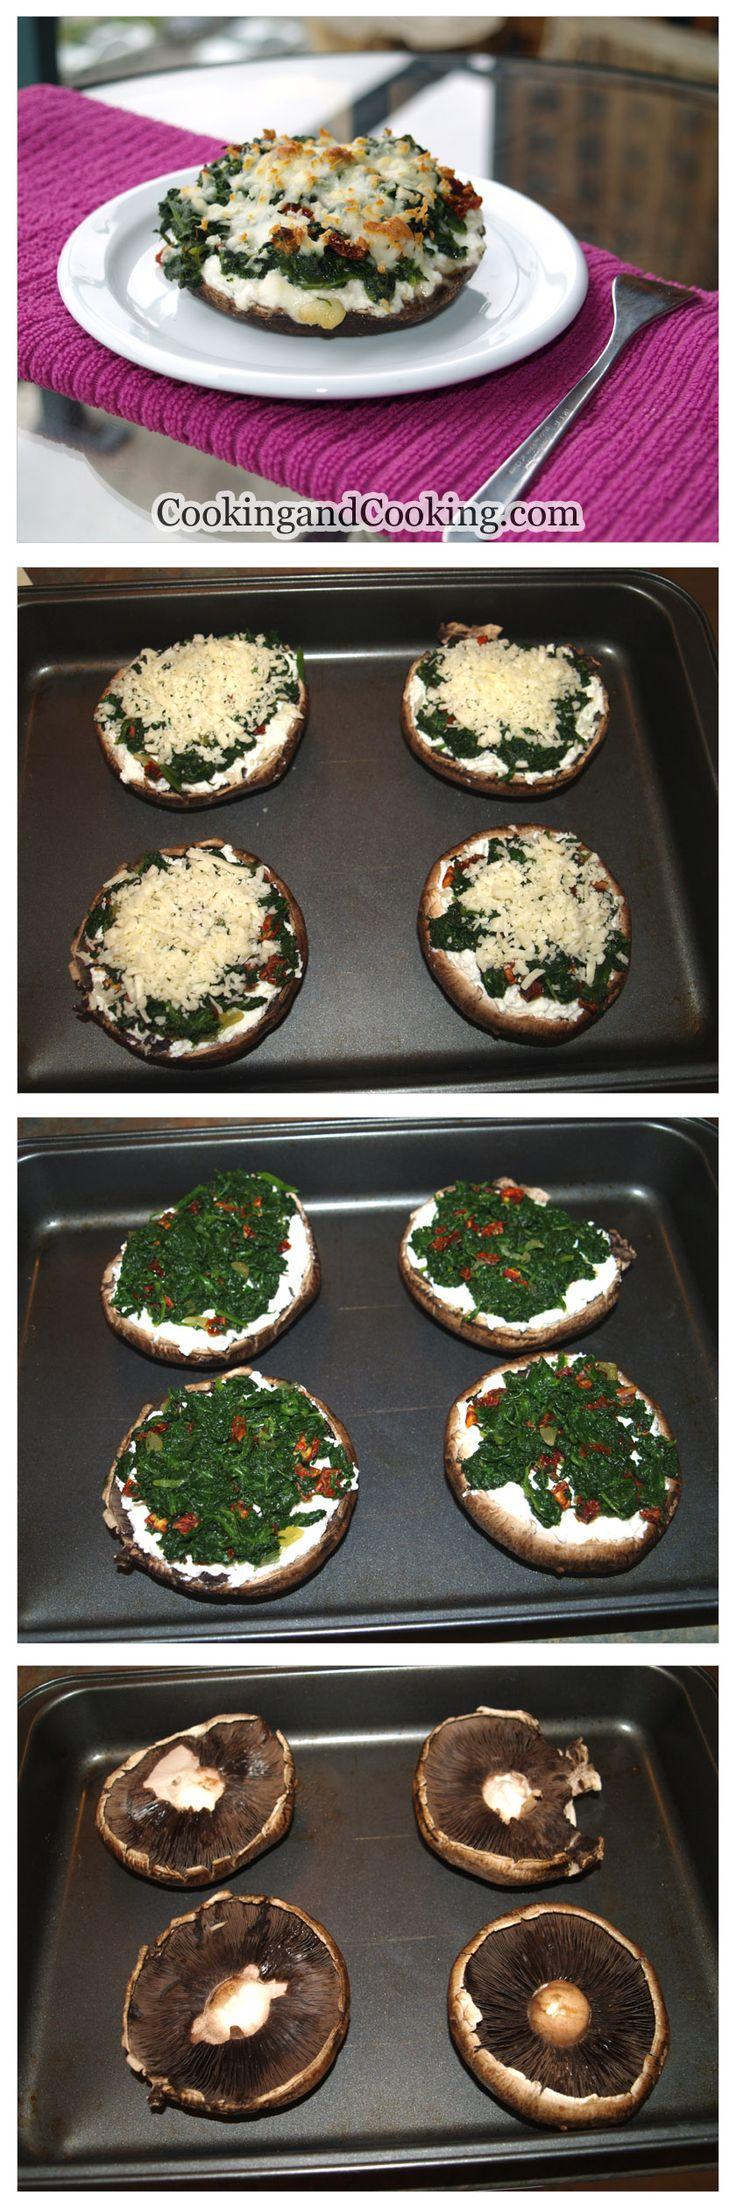 Γεμιστα Μανιταρια: Σπανακι-Τυρι Κρεμα-Κασερι.   Stuffed Portobello Mushrooms Recipe